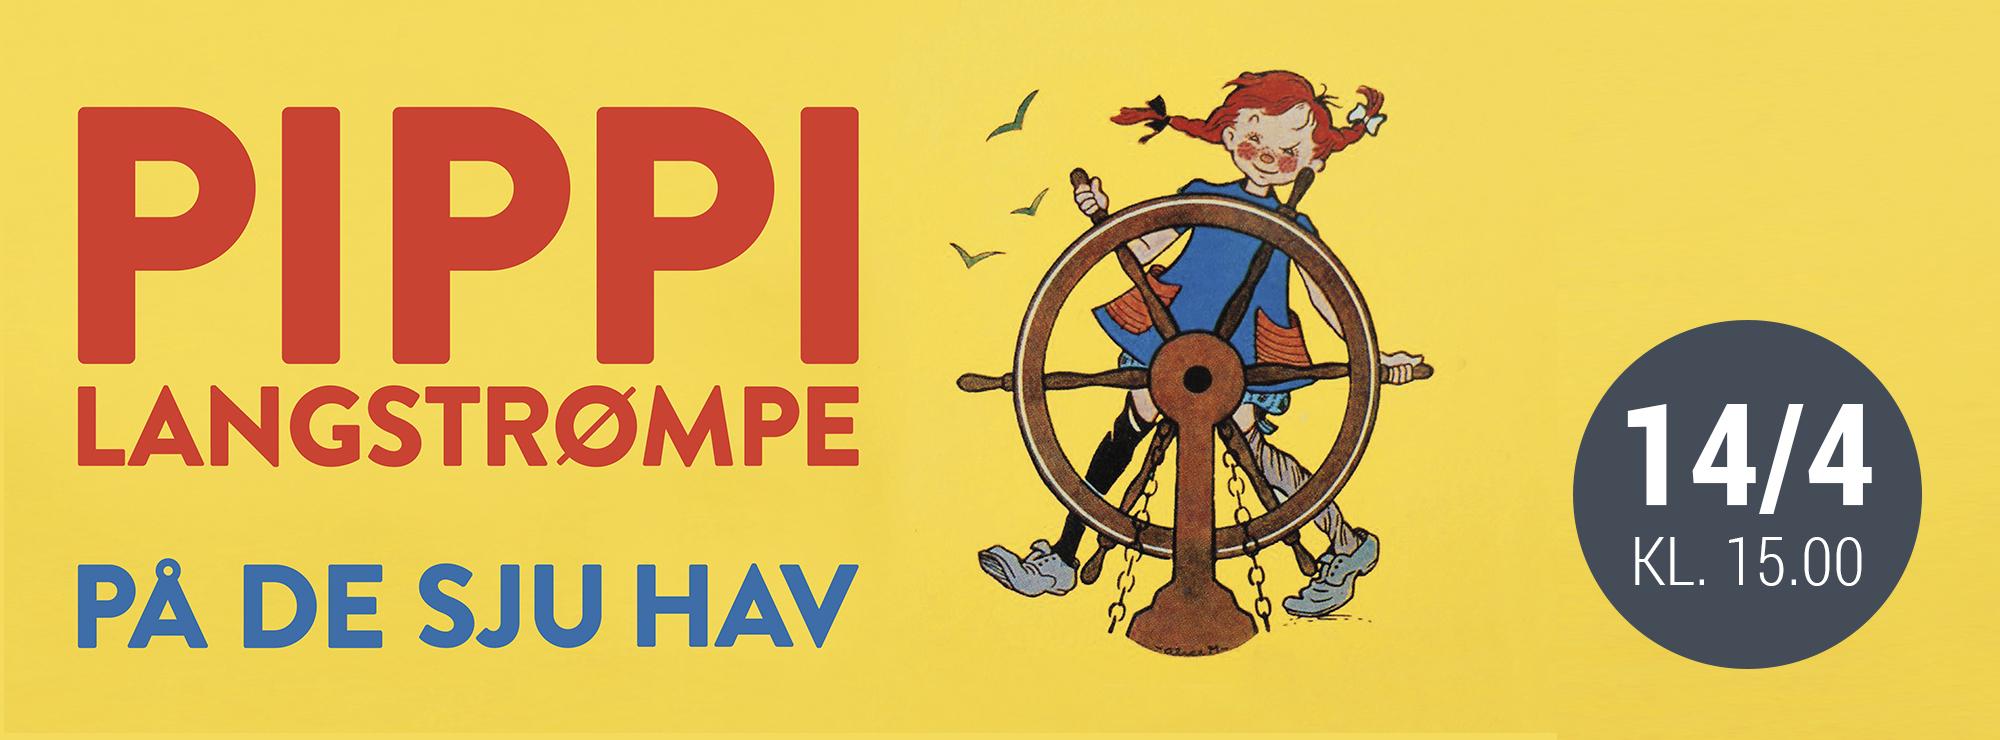 Pippi Langstrømpe på de sju hav